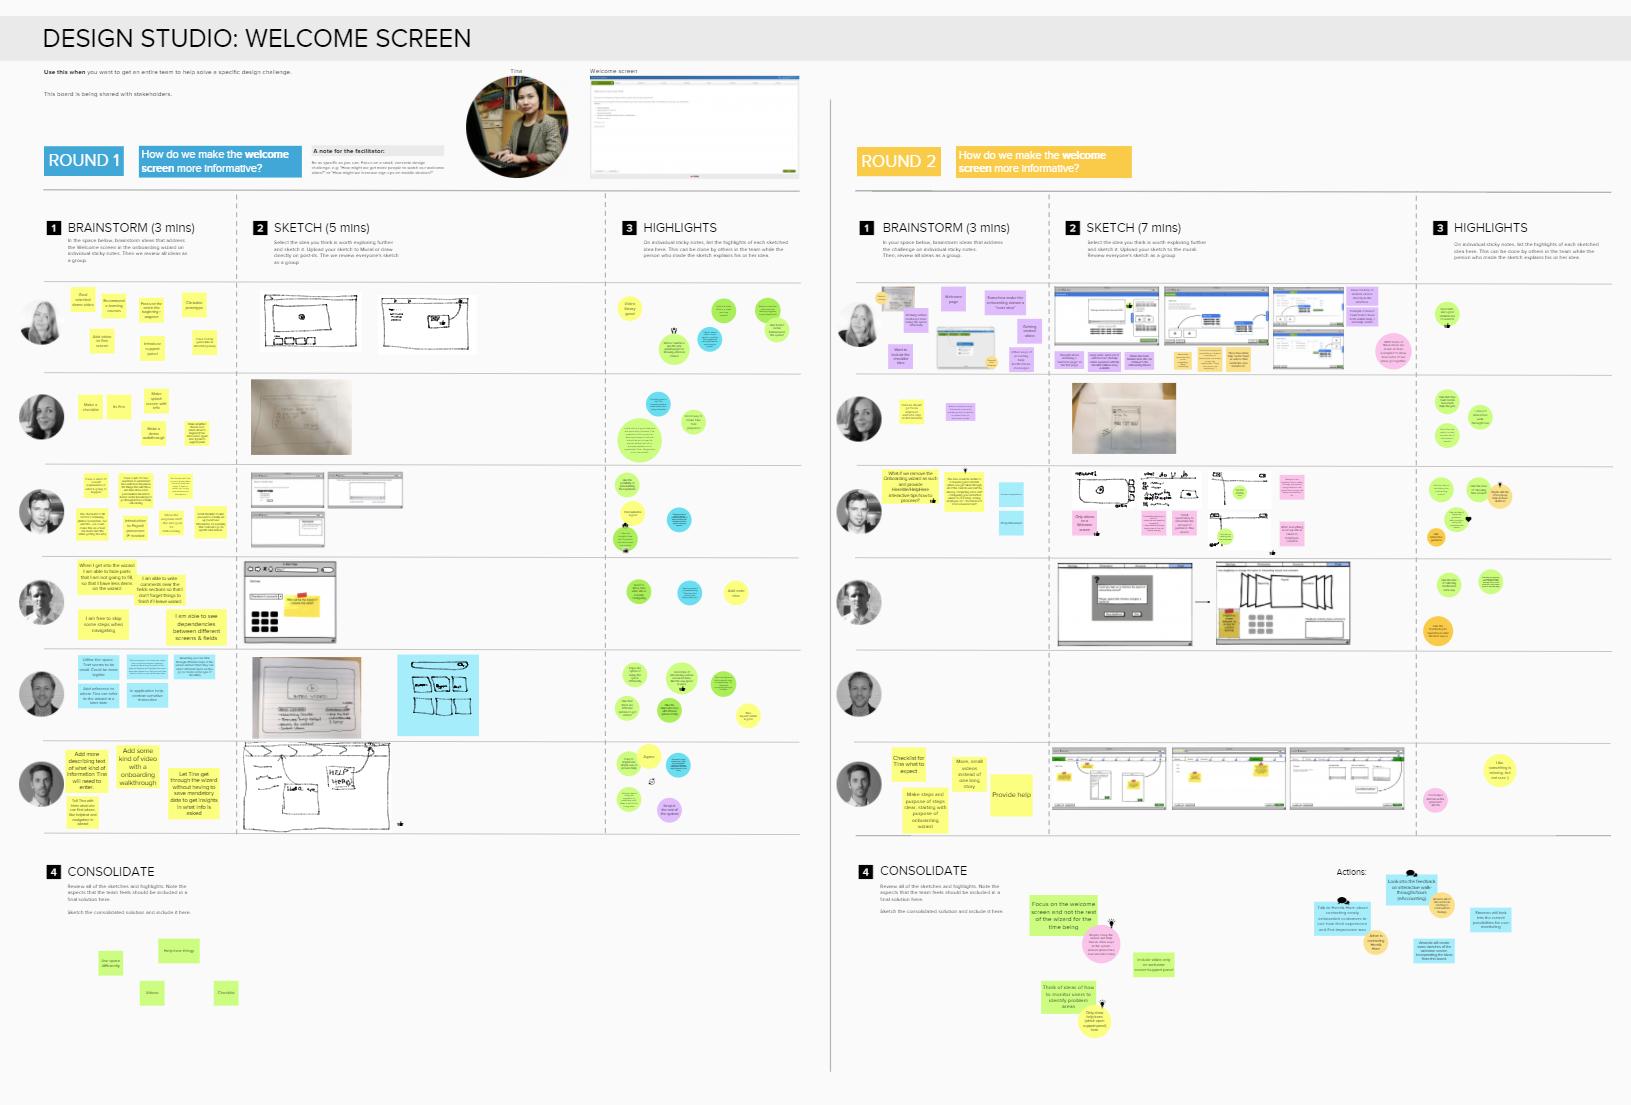 The tool Mural for running virtual design studios